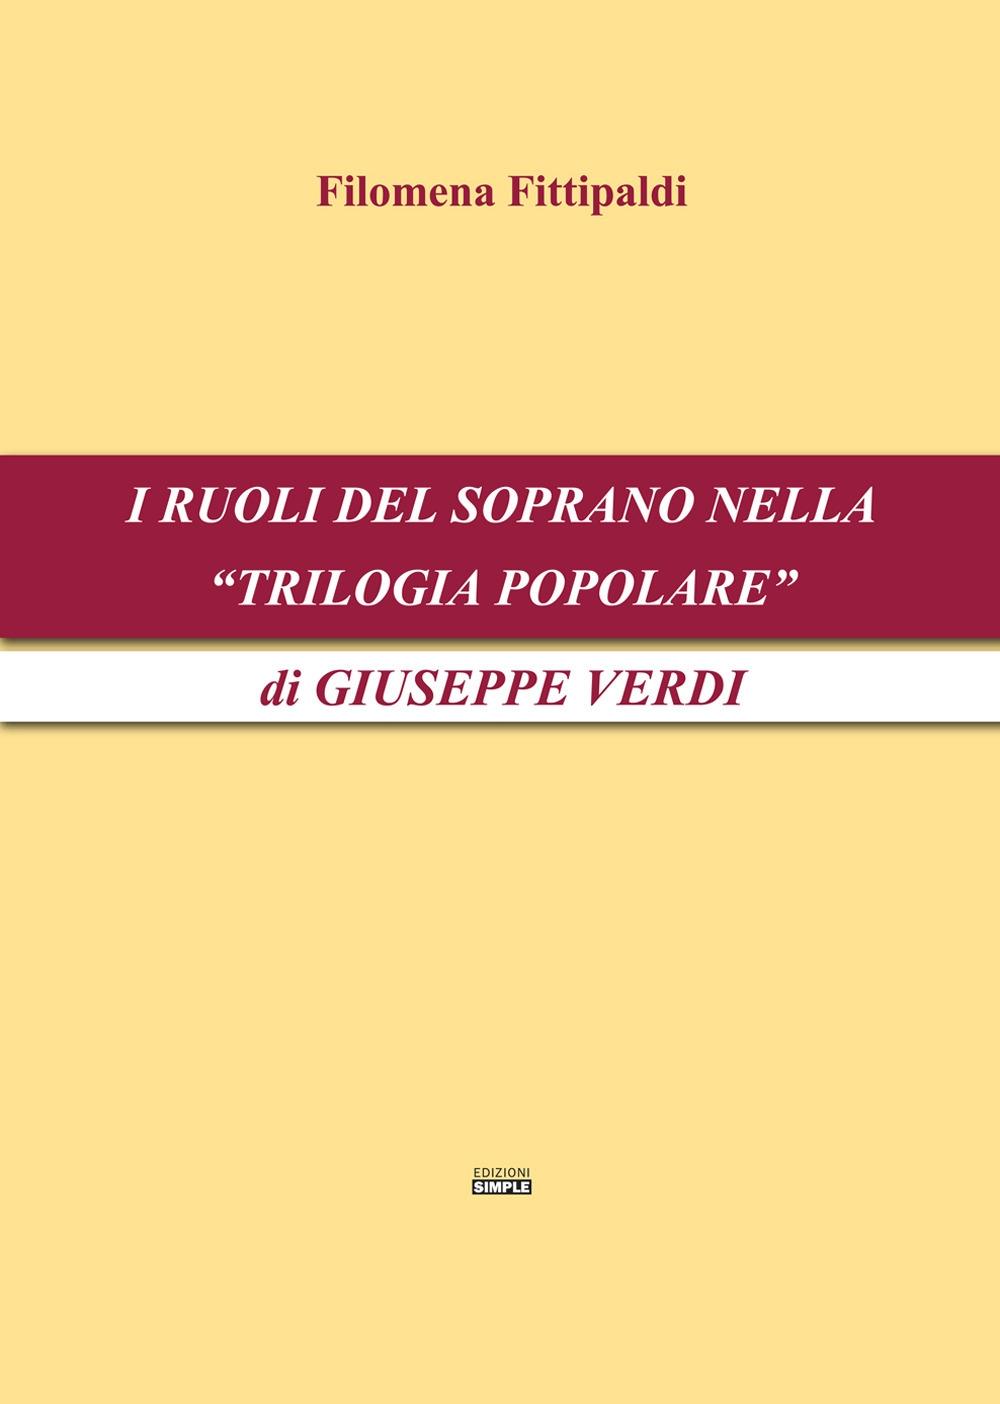 I ruoli del soprano nella «Trilogia popolare» di Giuseppe Verdi